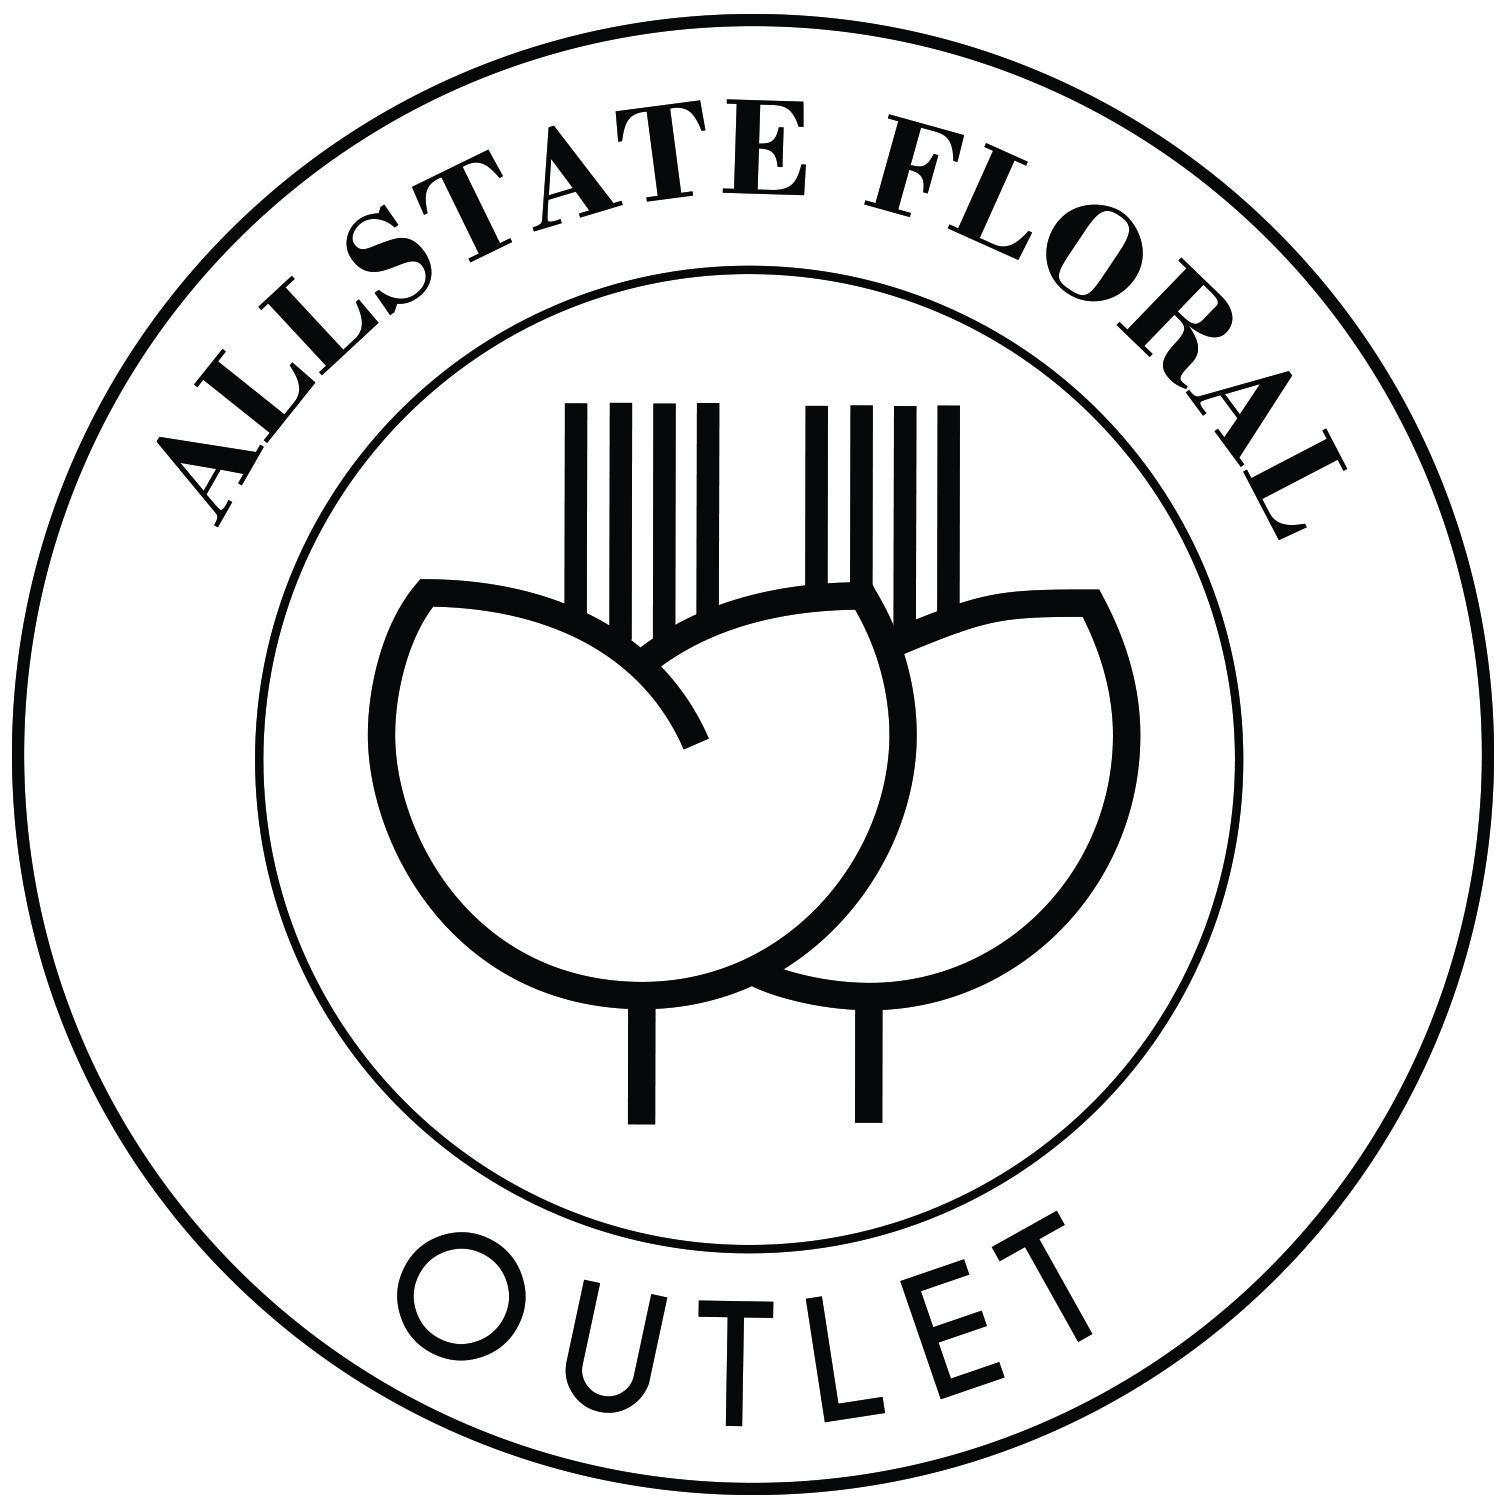 Allstate Floral - 15928 Commerce WayCerritos, CA 90703